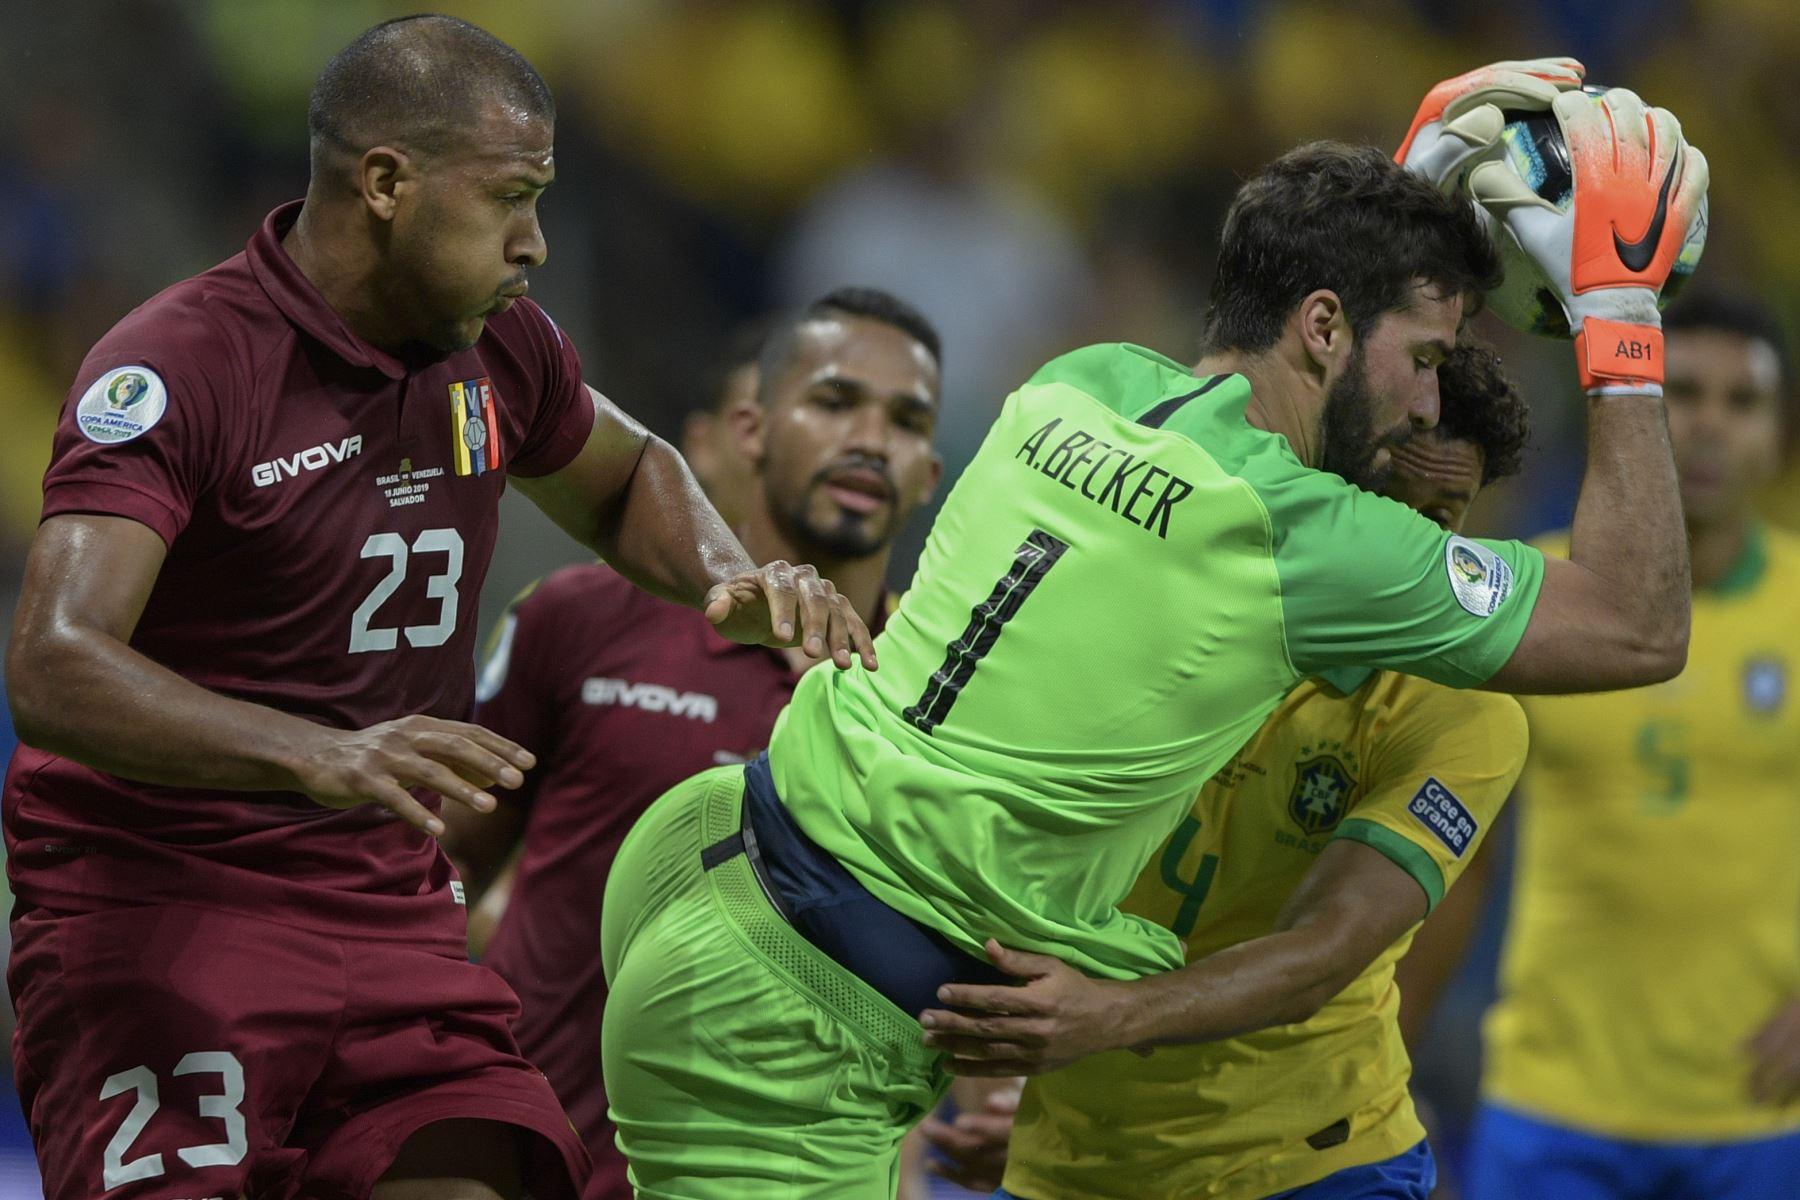 El portero de Brasil, Alisson (R), atrapa el balón junto al Salomon Rondon de Venezuela durante su partido de torneo de fútbol de la Copa América. Foto: AFP